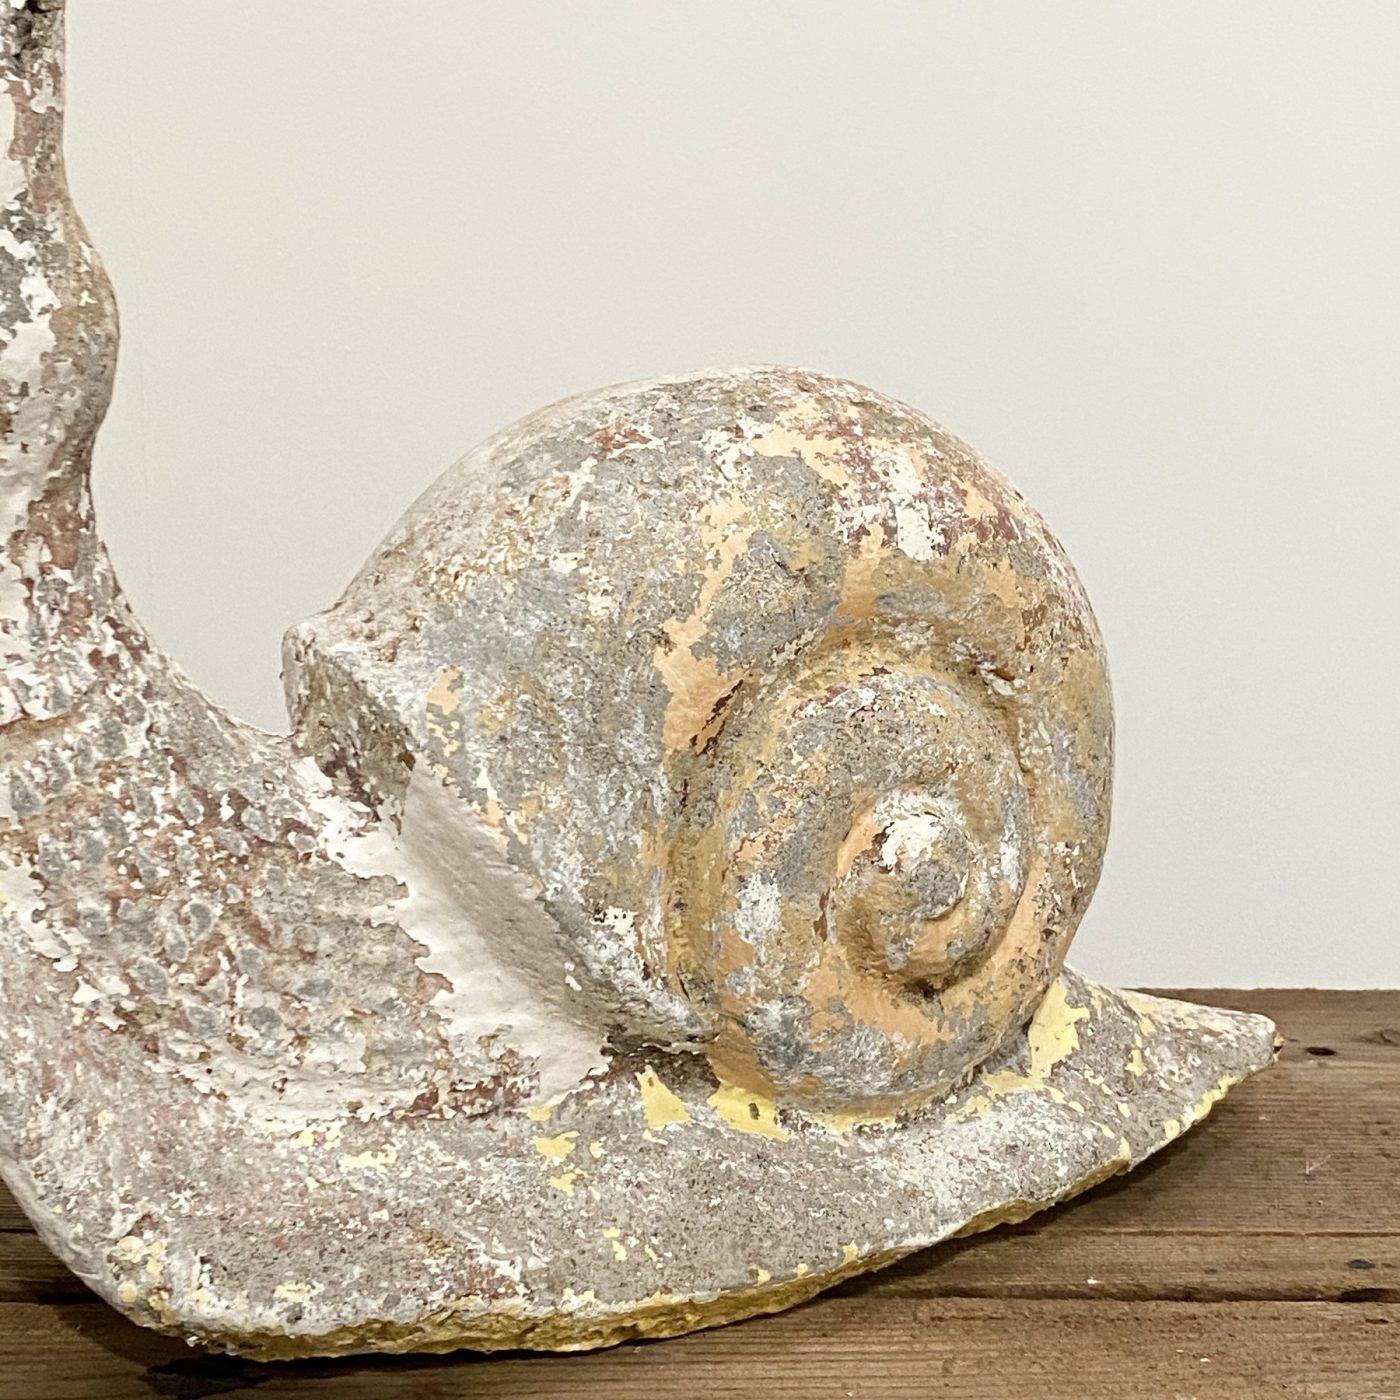 objet-vagabond-concrete-sculpture0001